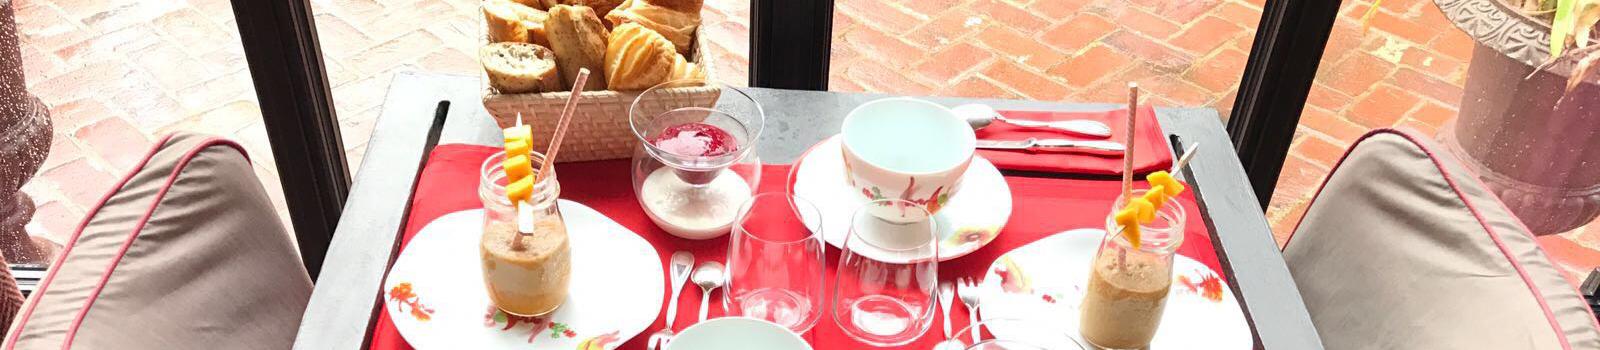 https://www.leclosdegrace.com/wp-content/uploads/2017/04/petit-déjeuner-smoothie-closdegrace.jpg